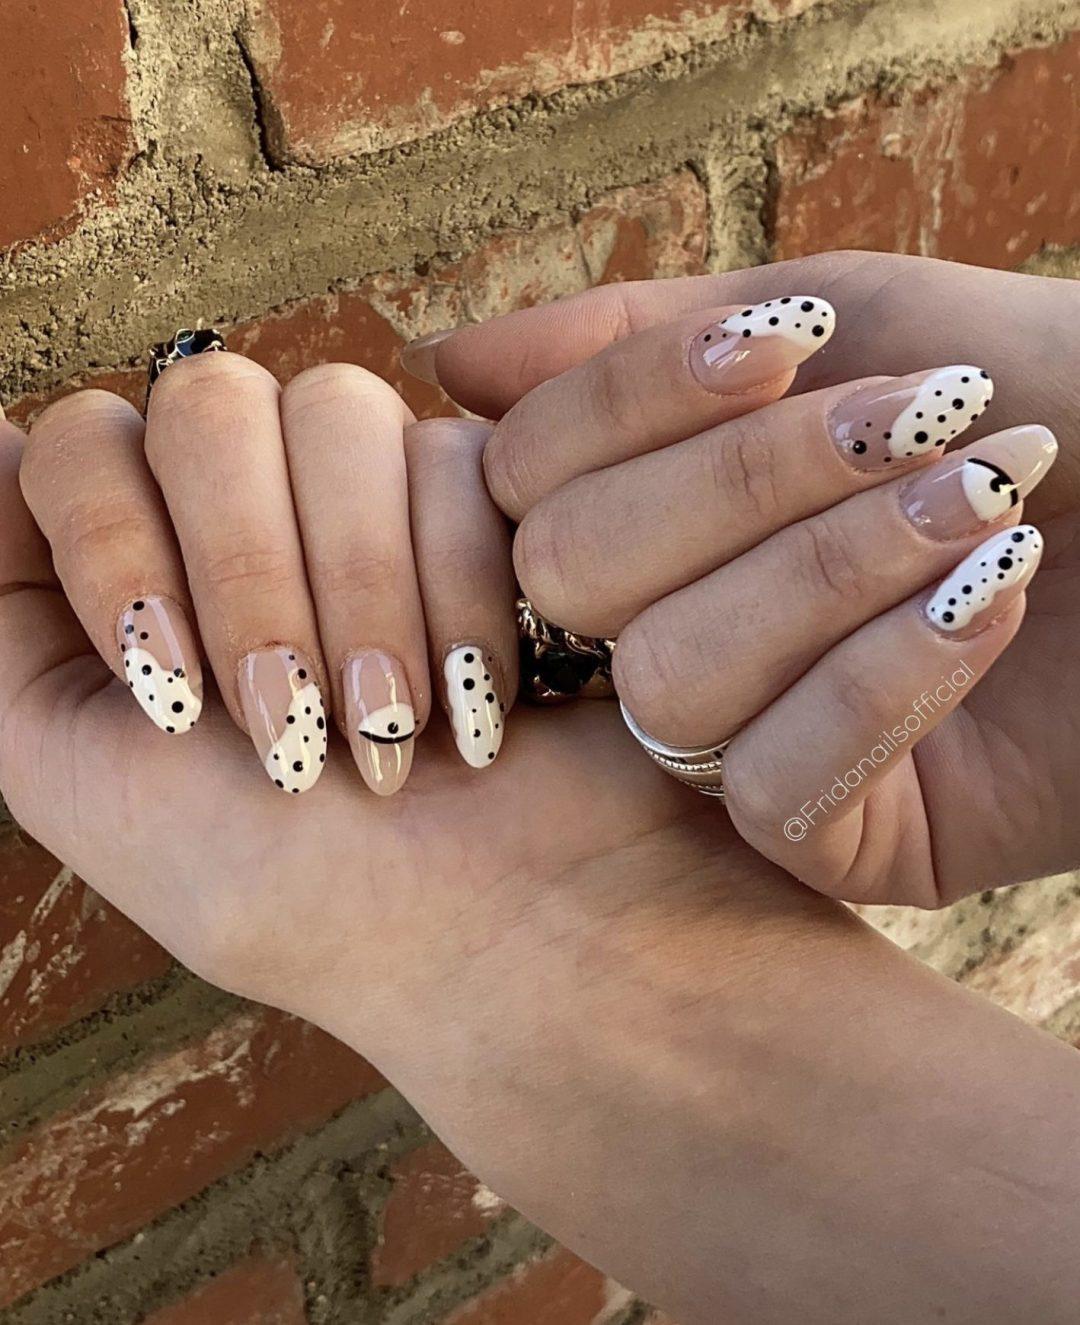 Cute white polka dot nails with eye